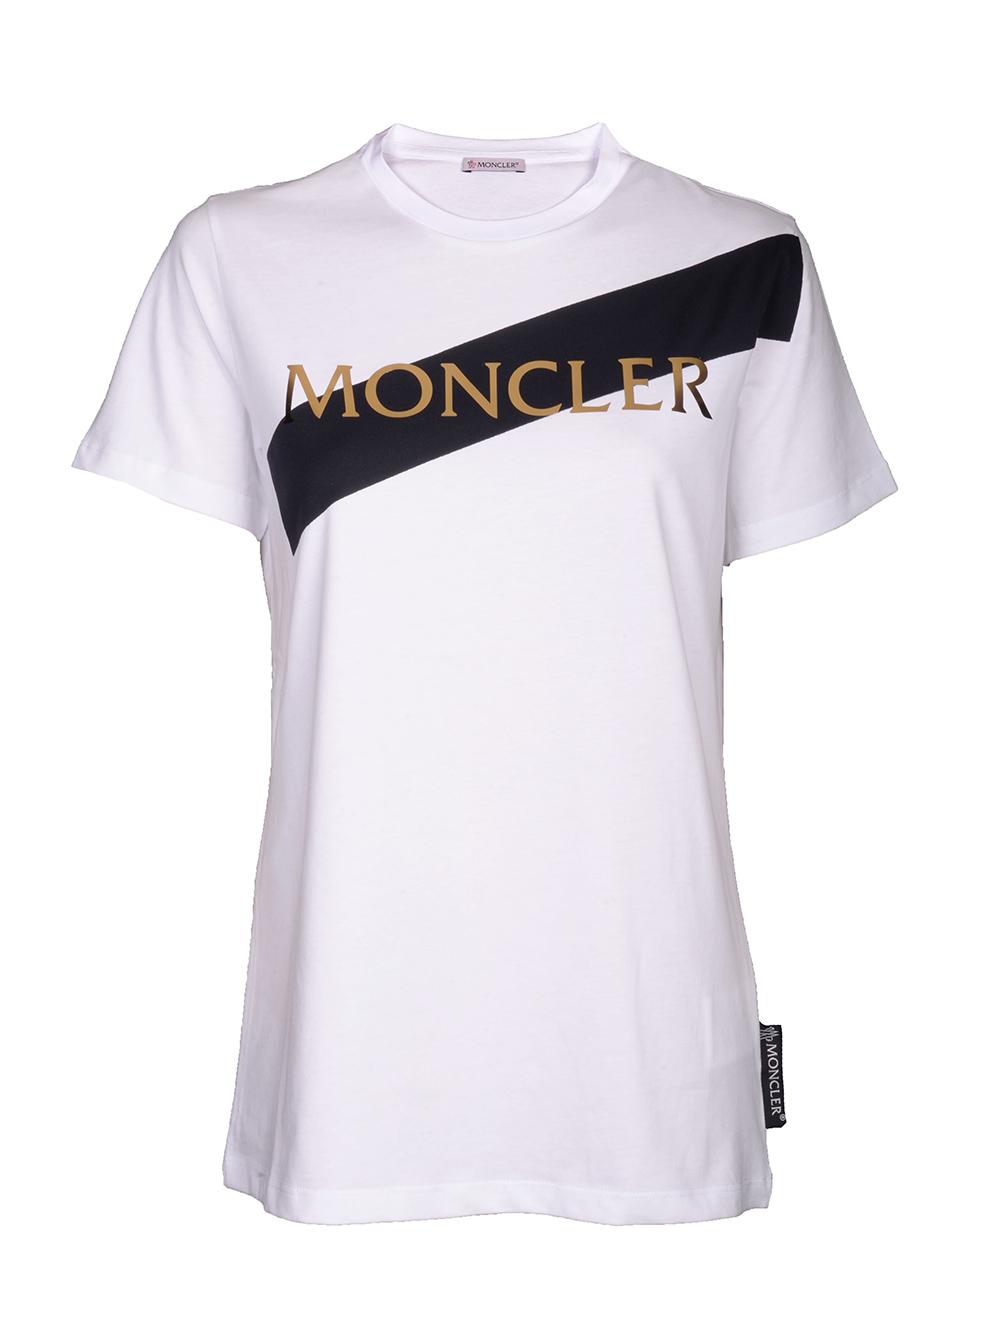 MONCLER Μπλούζα Τ-shirt E2-093-8091800 V8094 ΛΕΥΚΟ